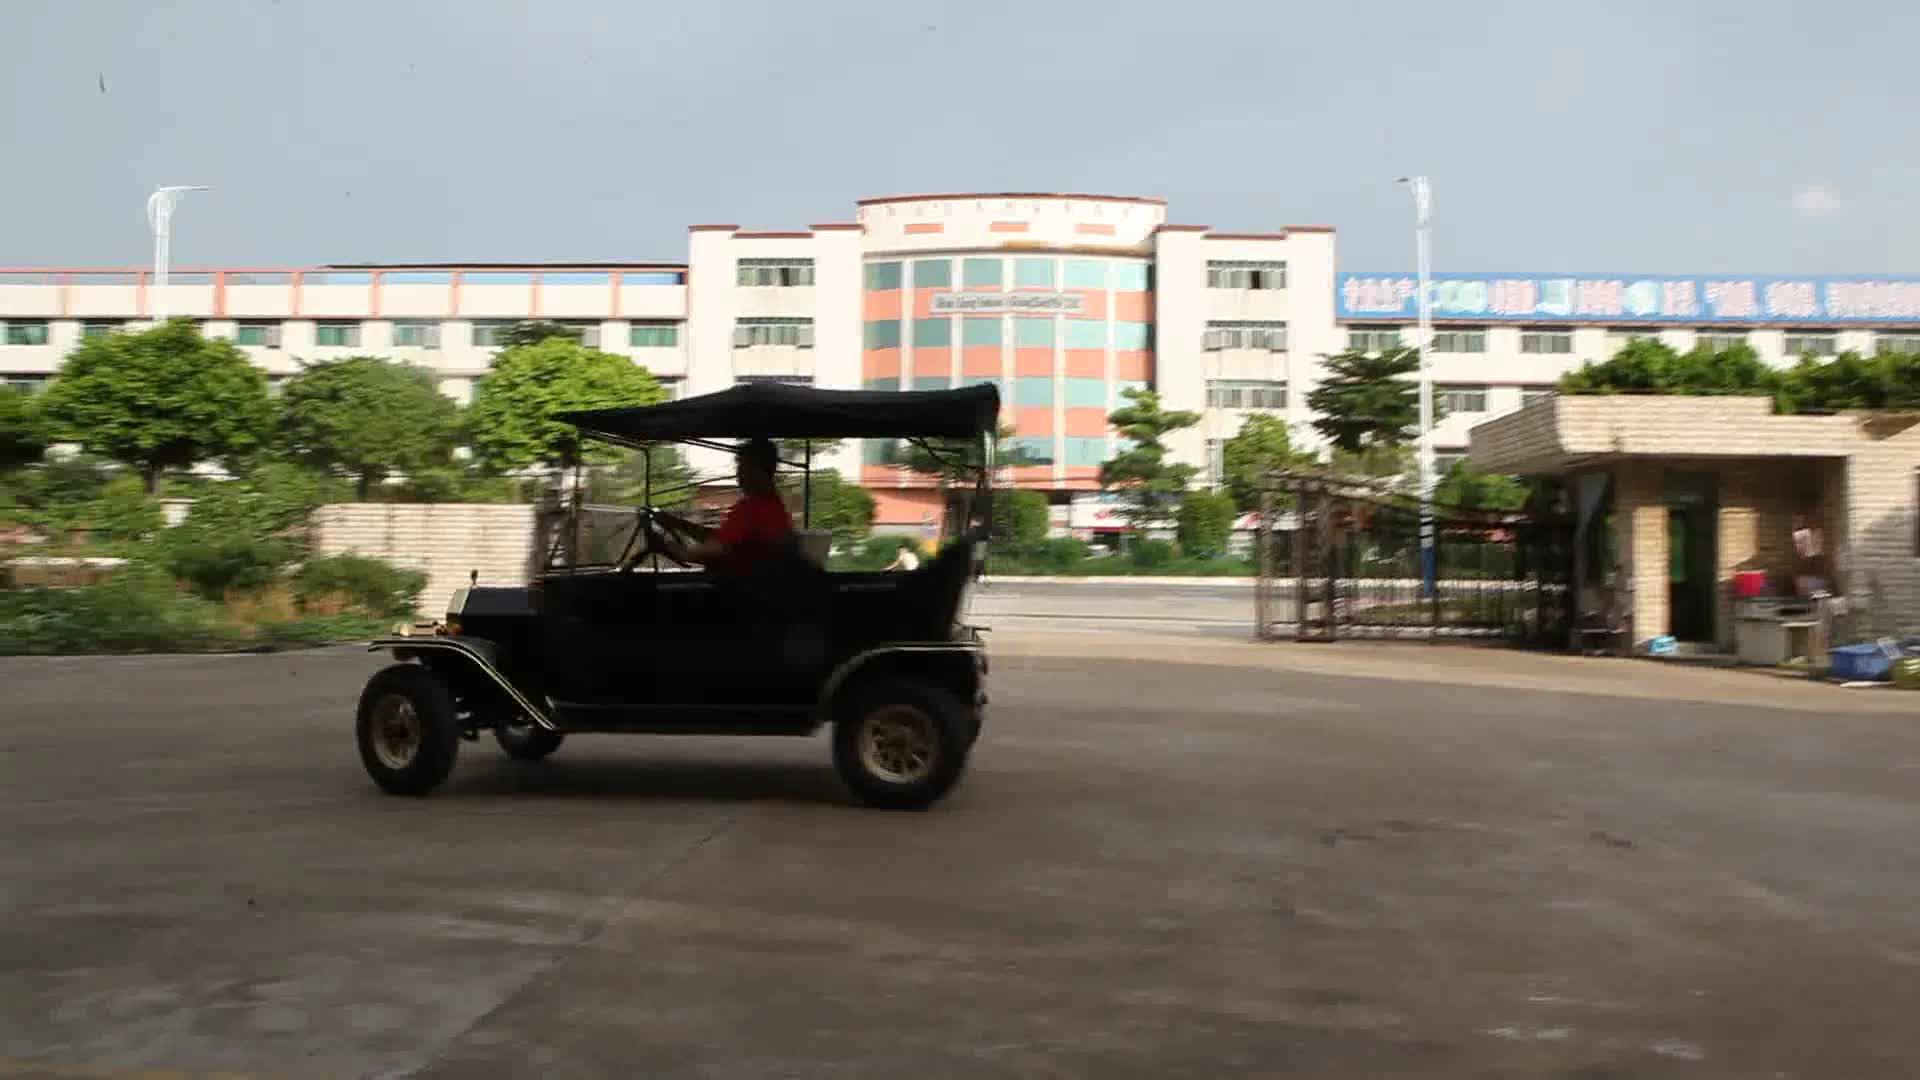 จีนท่องเที่ยวไฟฟ้ารถกอล์ฟ4ที่นั่งไฟฟ้ารถขาย